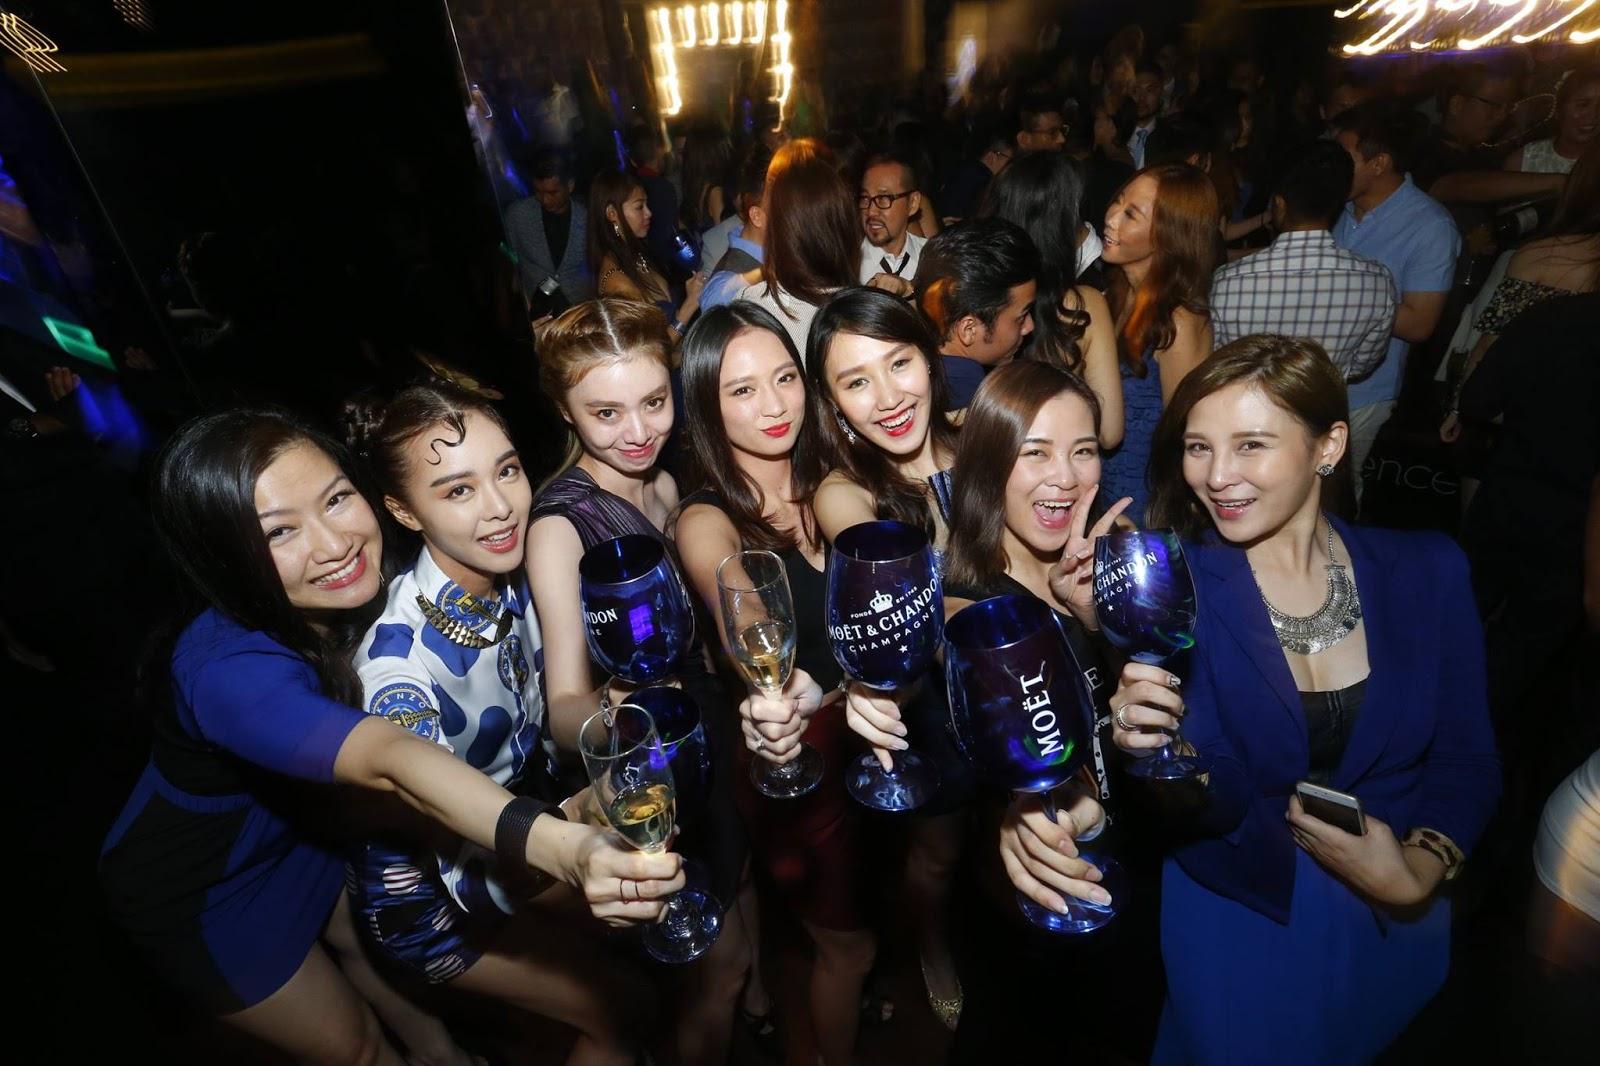 「吉隆坡夜店」的圖片搜尋結果